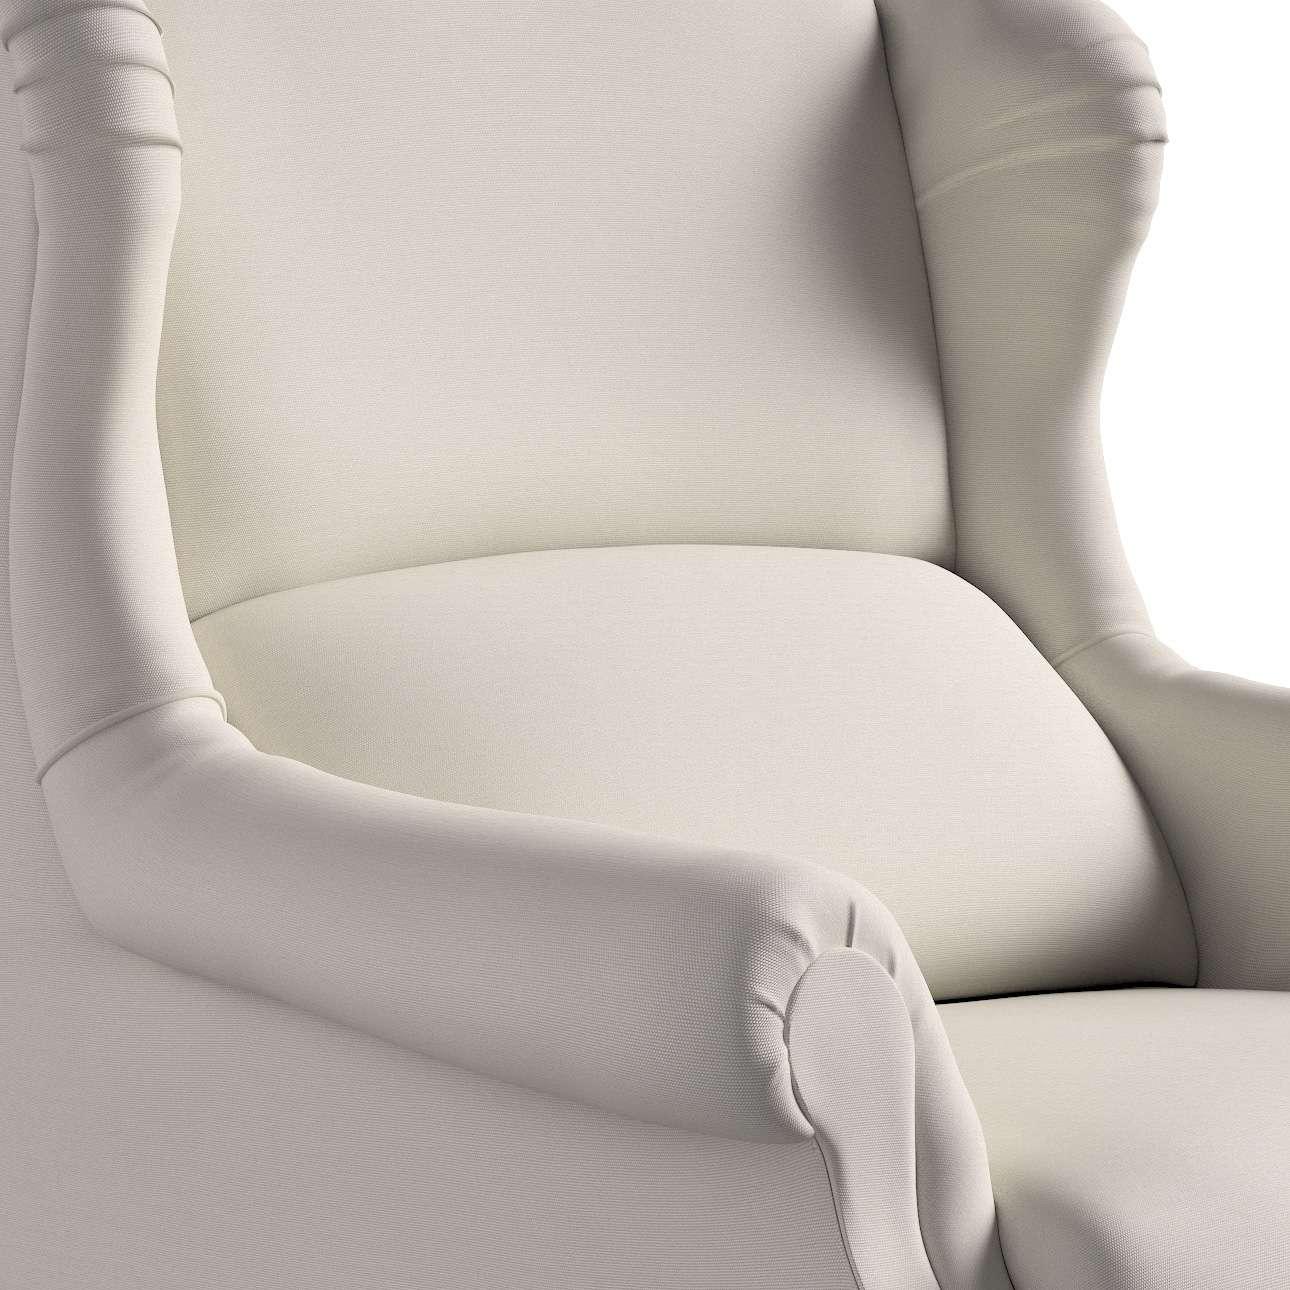 Kreslo čalúnené, ručne vyrábané V kolekcii Cotton Panama, tkanina: 702-31